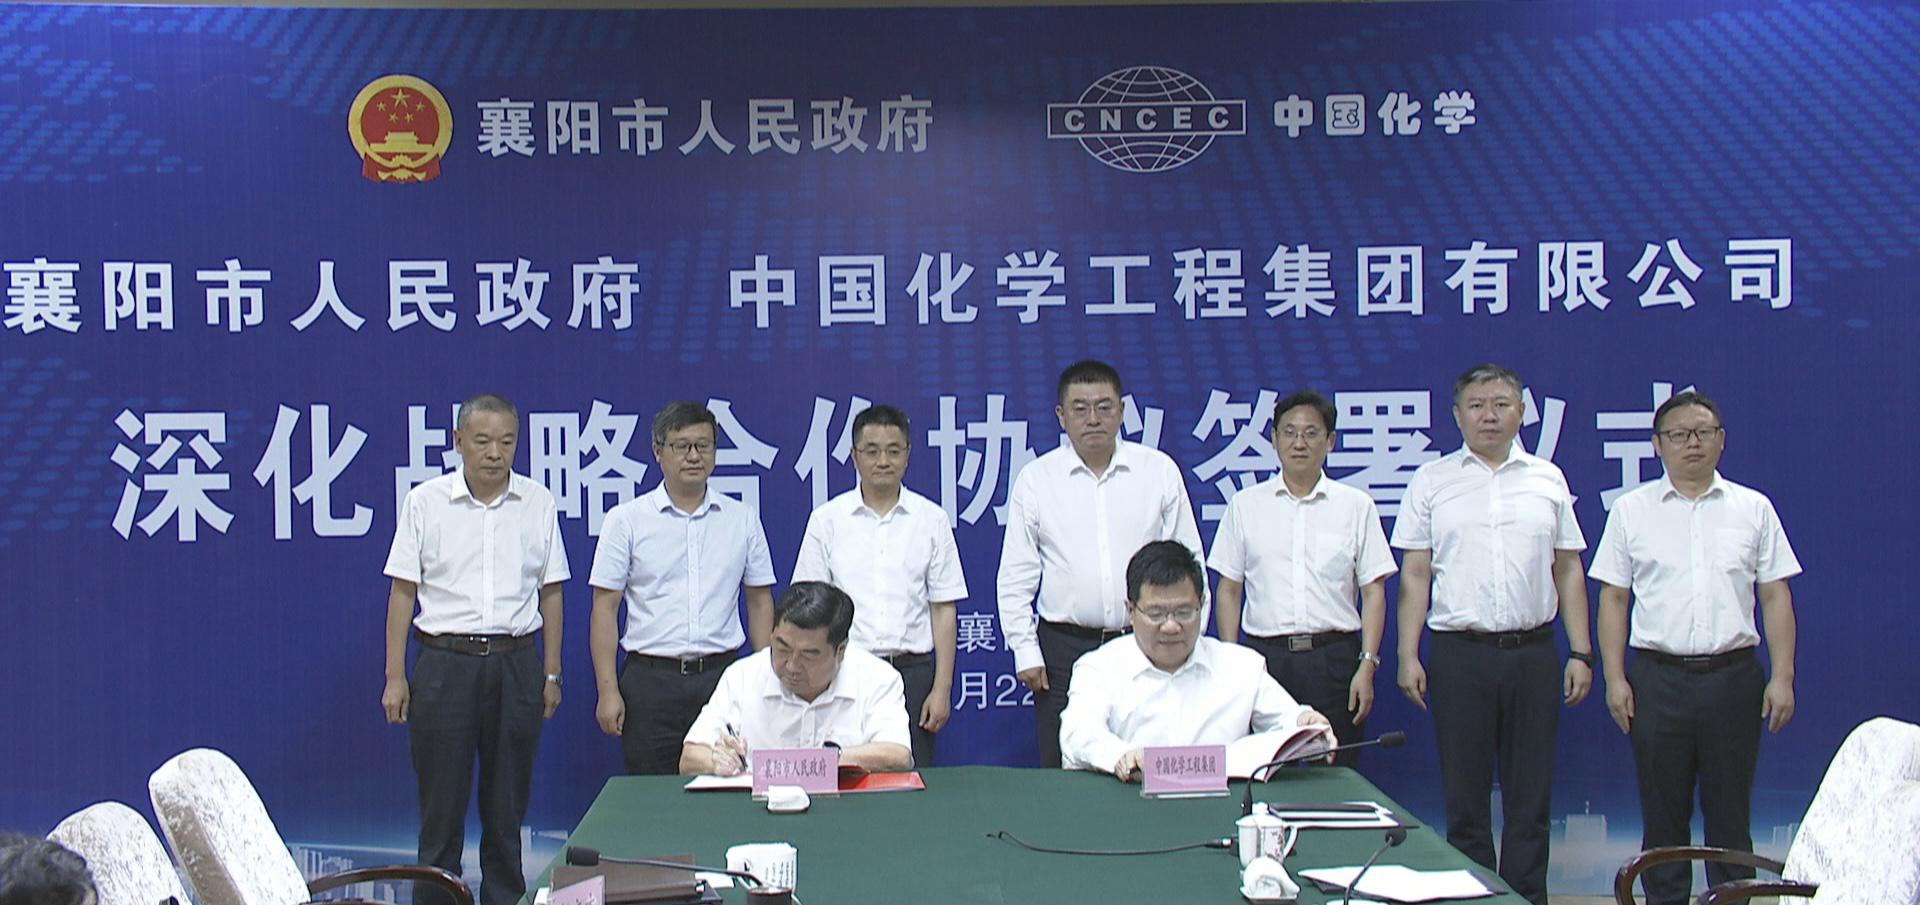 投资超400亿!中国化学工程集团与我市签署深化战略合作协议